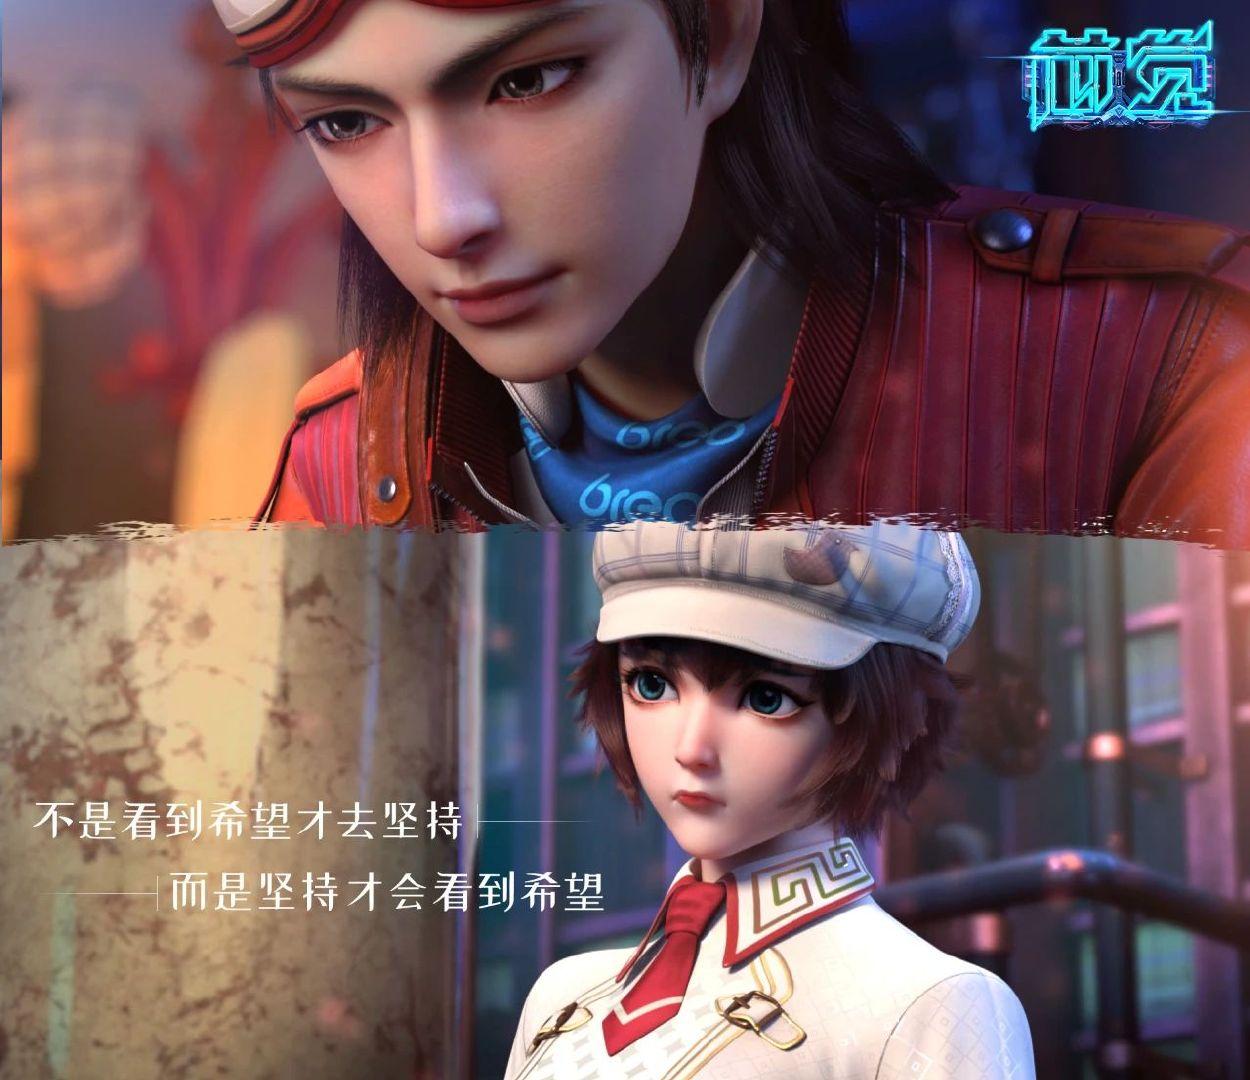 东方异能原创动画《芯觉》推荐